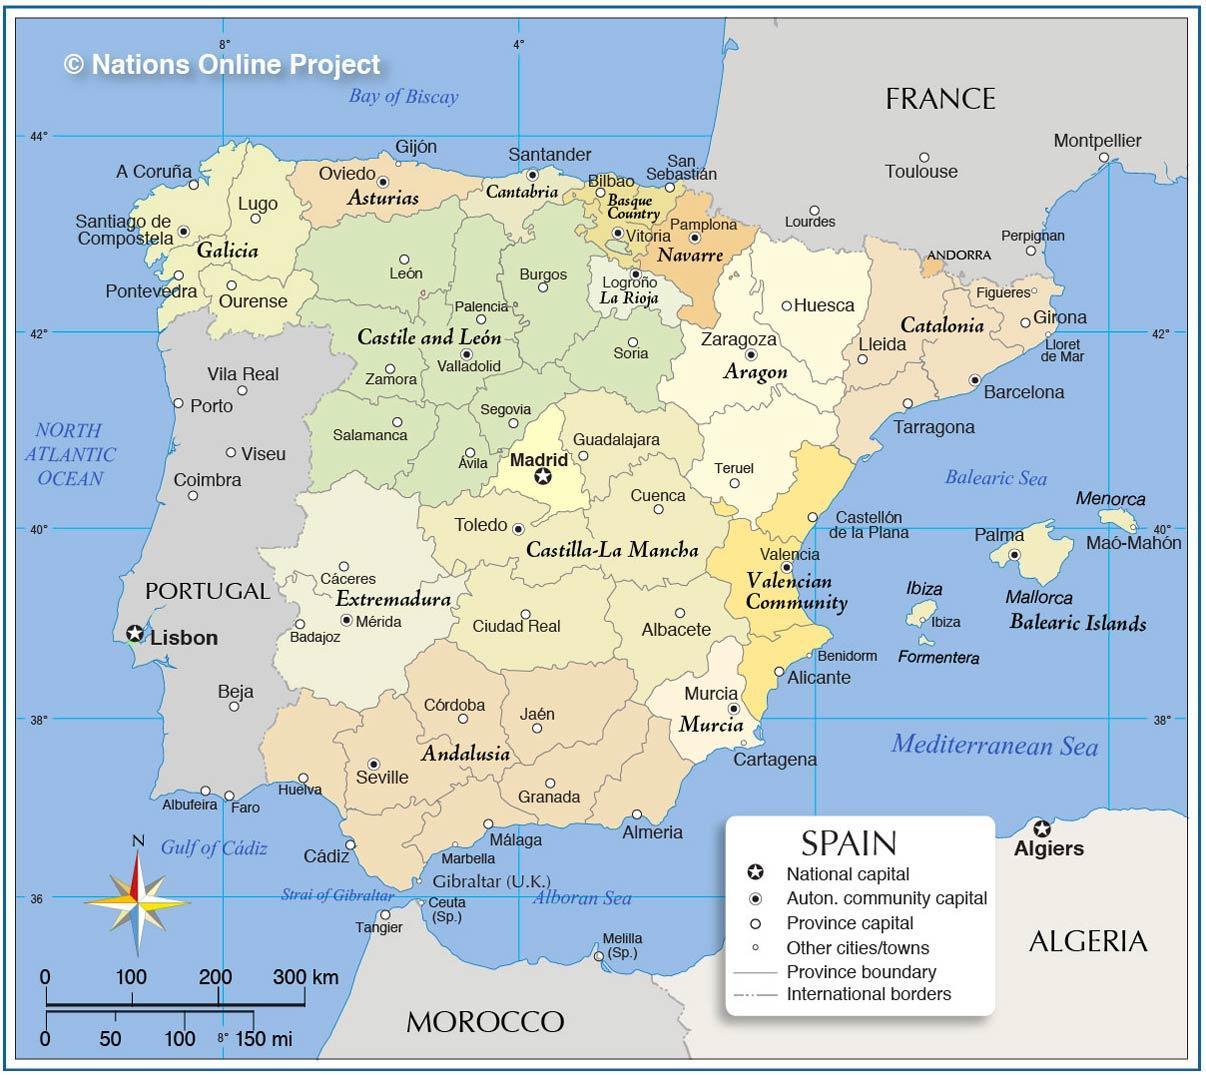 Cartina Completa Spagna.Genitore Innovazione Probabilmente Cartina Geografica Est Europa Amazon Settimanaciclisticalombarda It